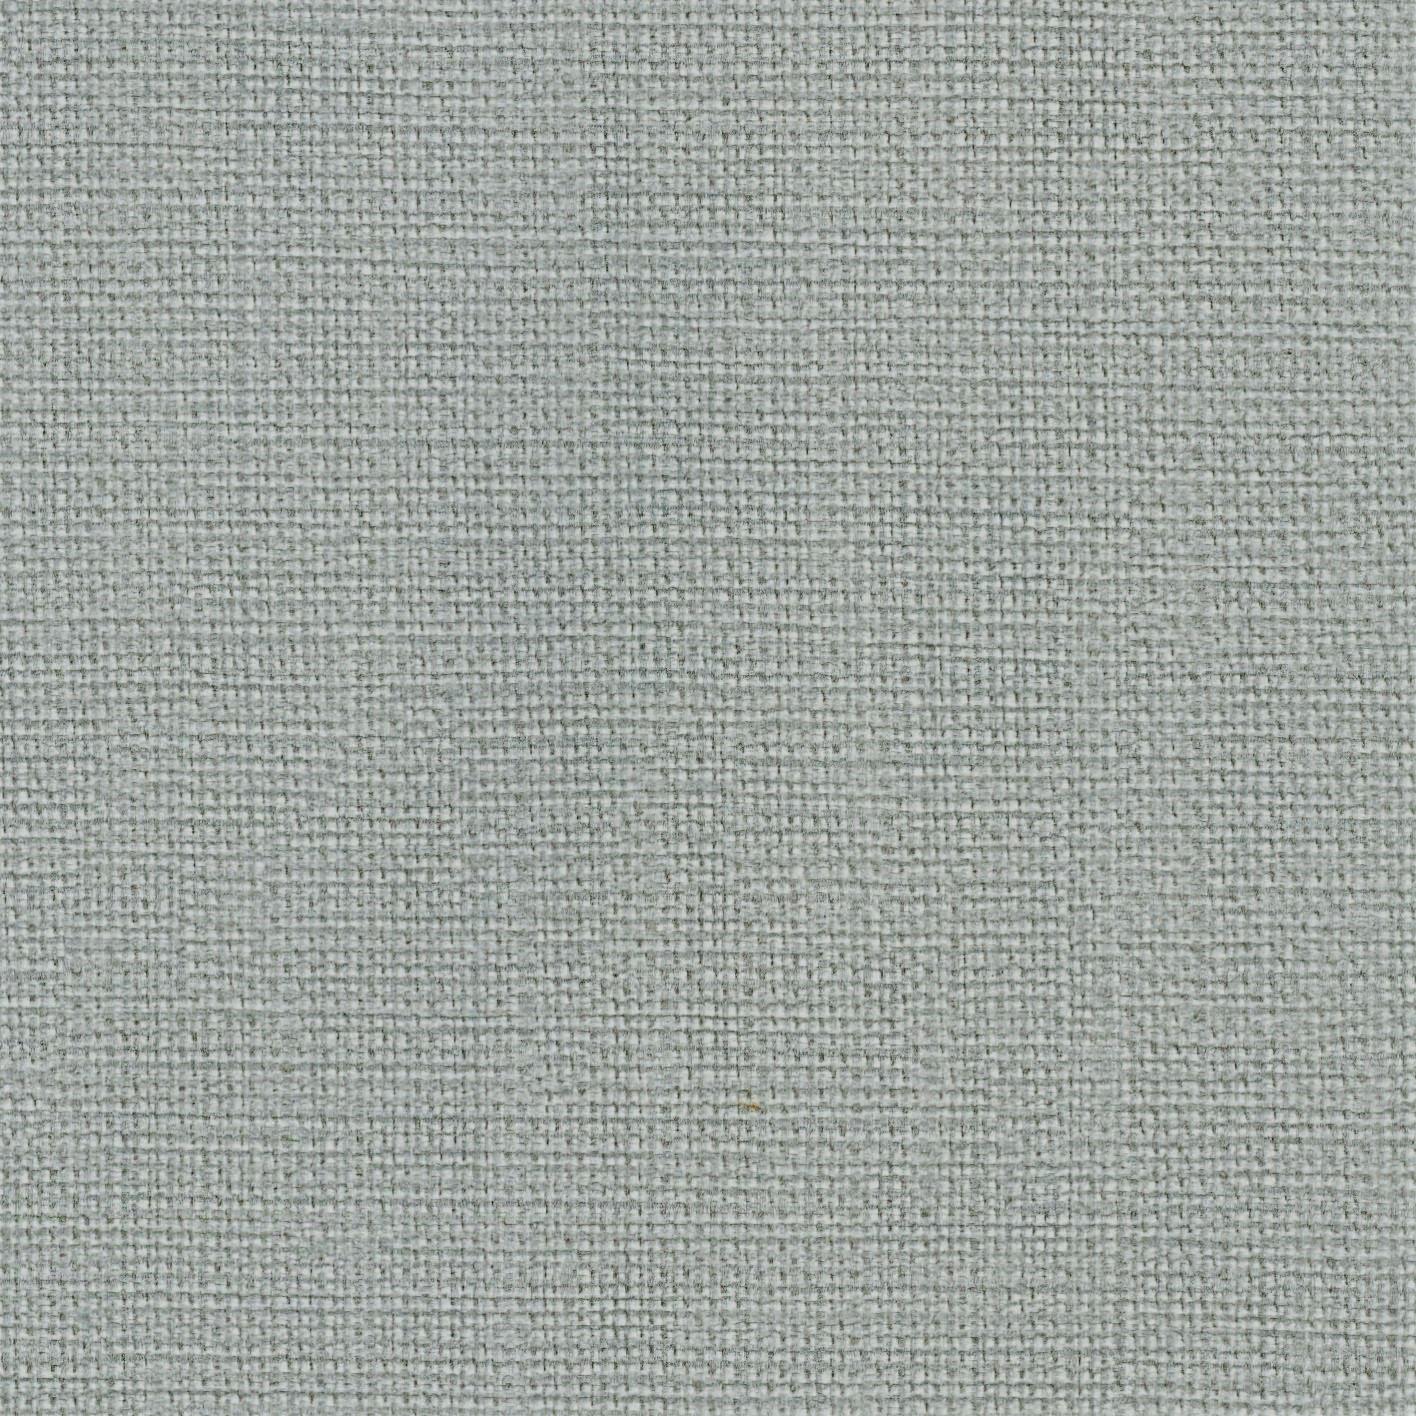 Papel de Parede Pure 2 Tramas Texturado 187412 - Rolo: 10m x 0,53m